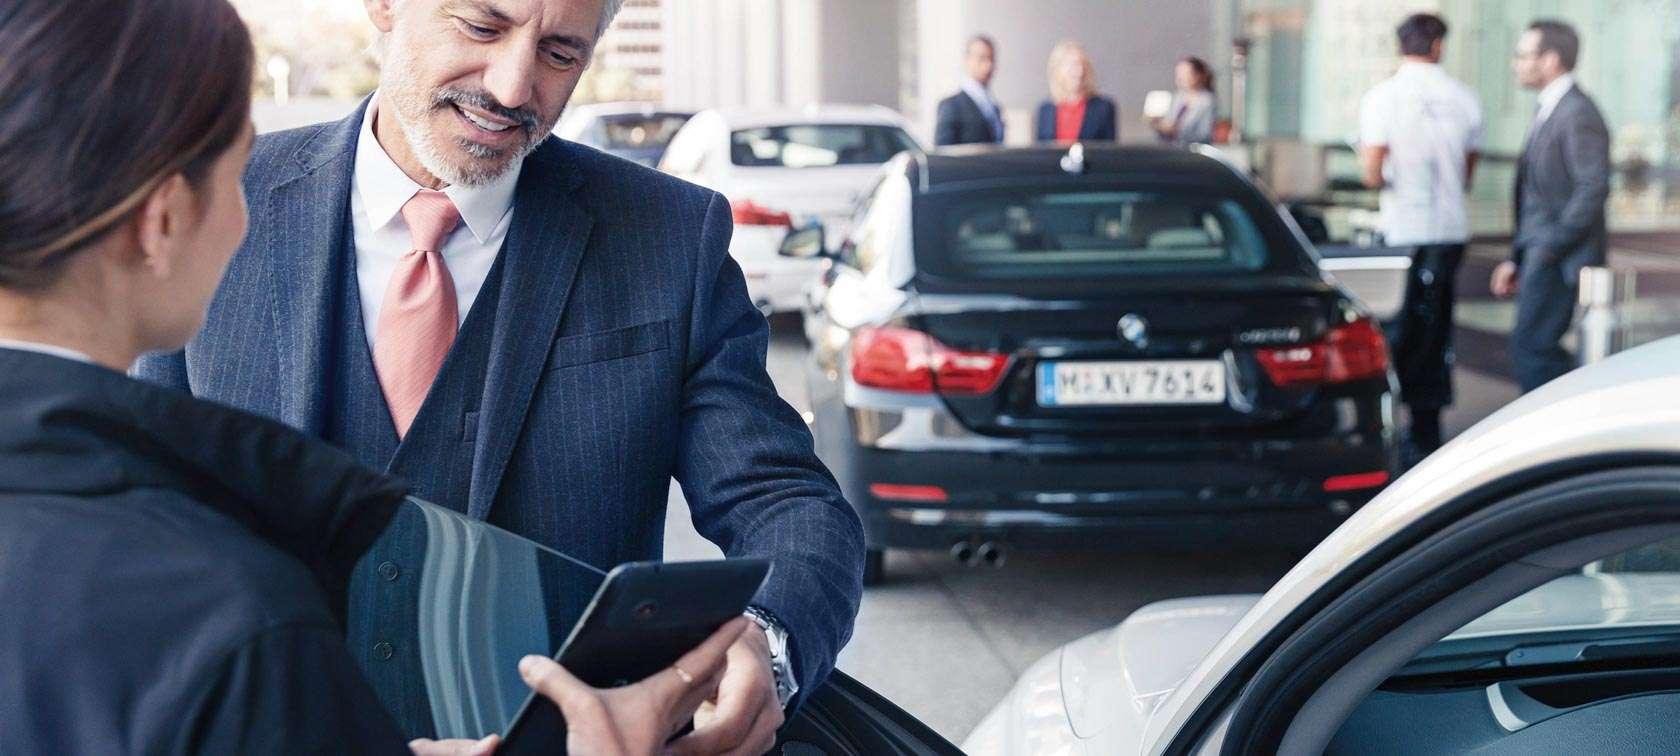 Produkty BMW to nie tylko samochody BMW. Wszelkie przedmioty których potrzebują użytkownicy